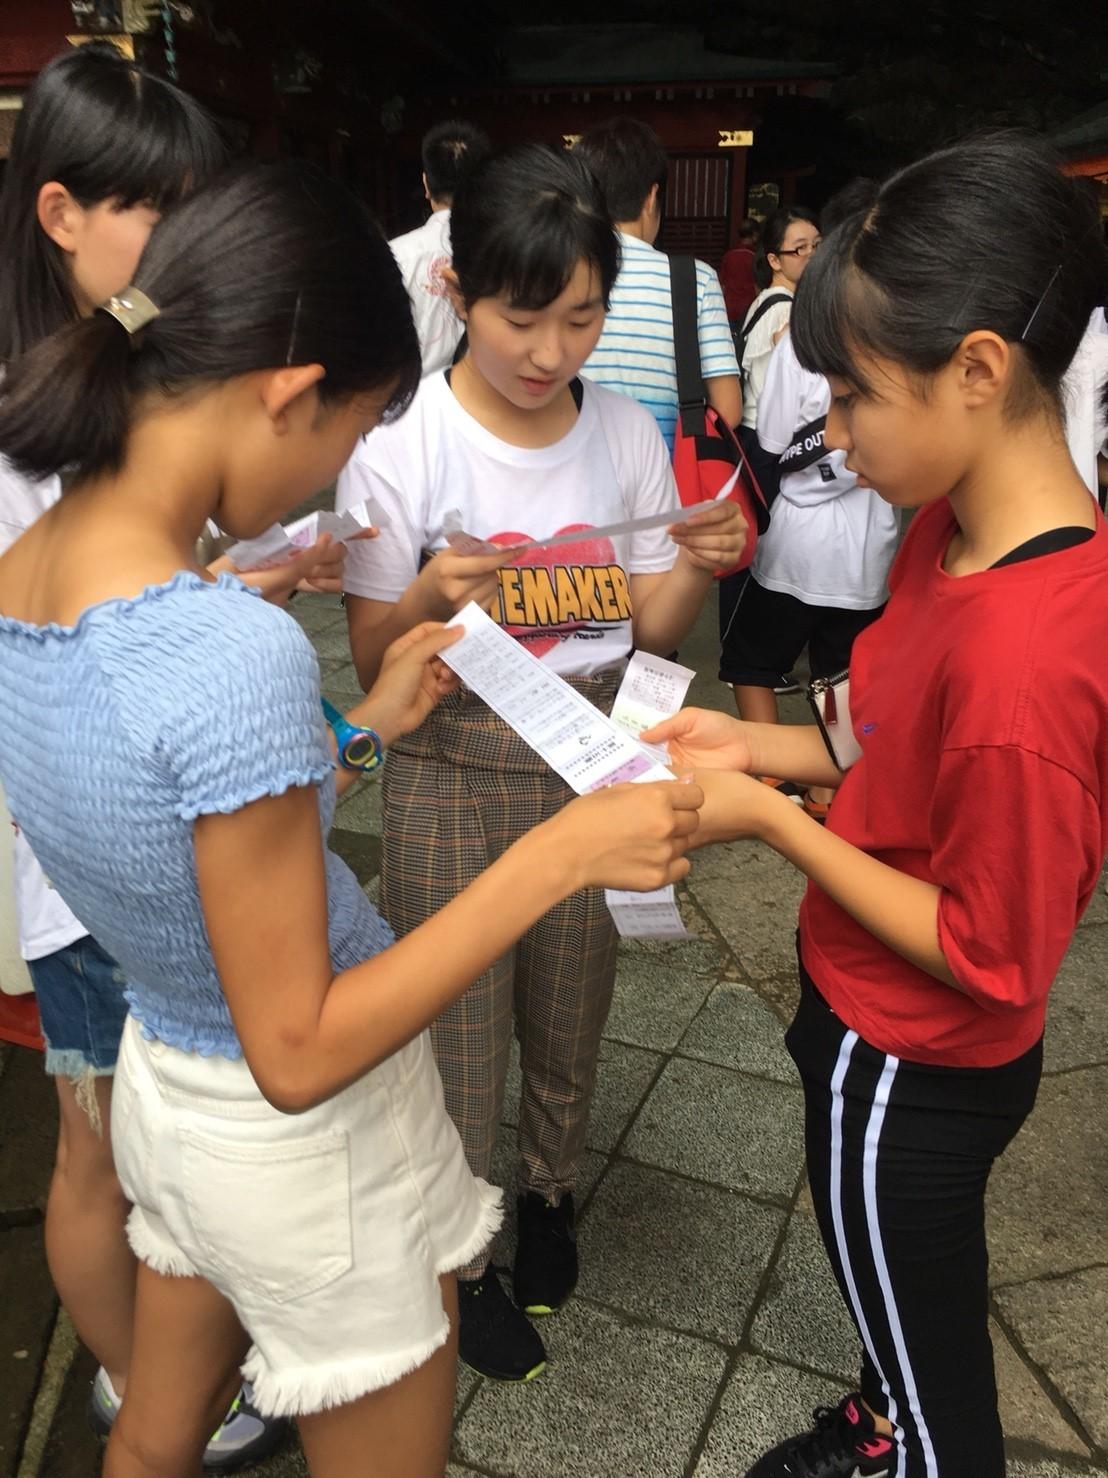 最高の学年による充実の宮崎夏合宿 -合宿1日目の写真-_d0116009_10225668.jpg